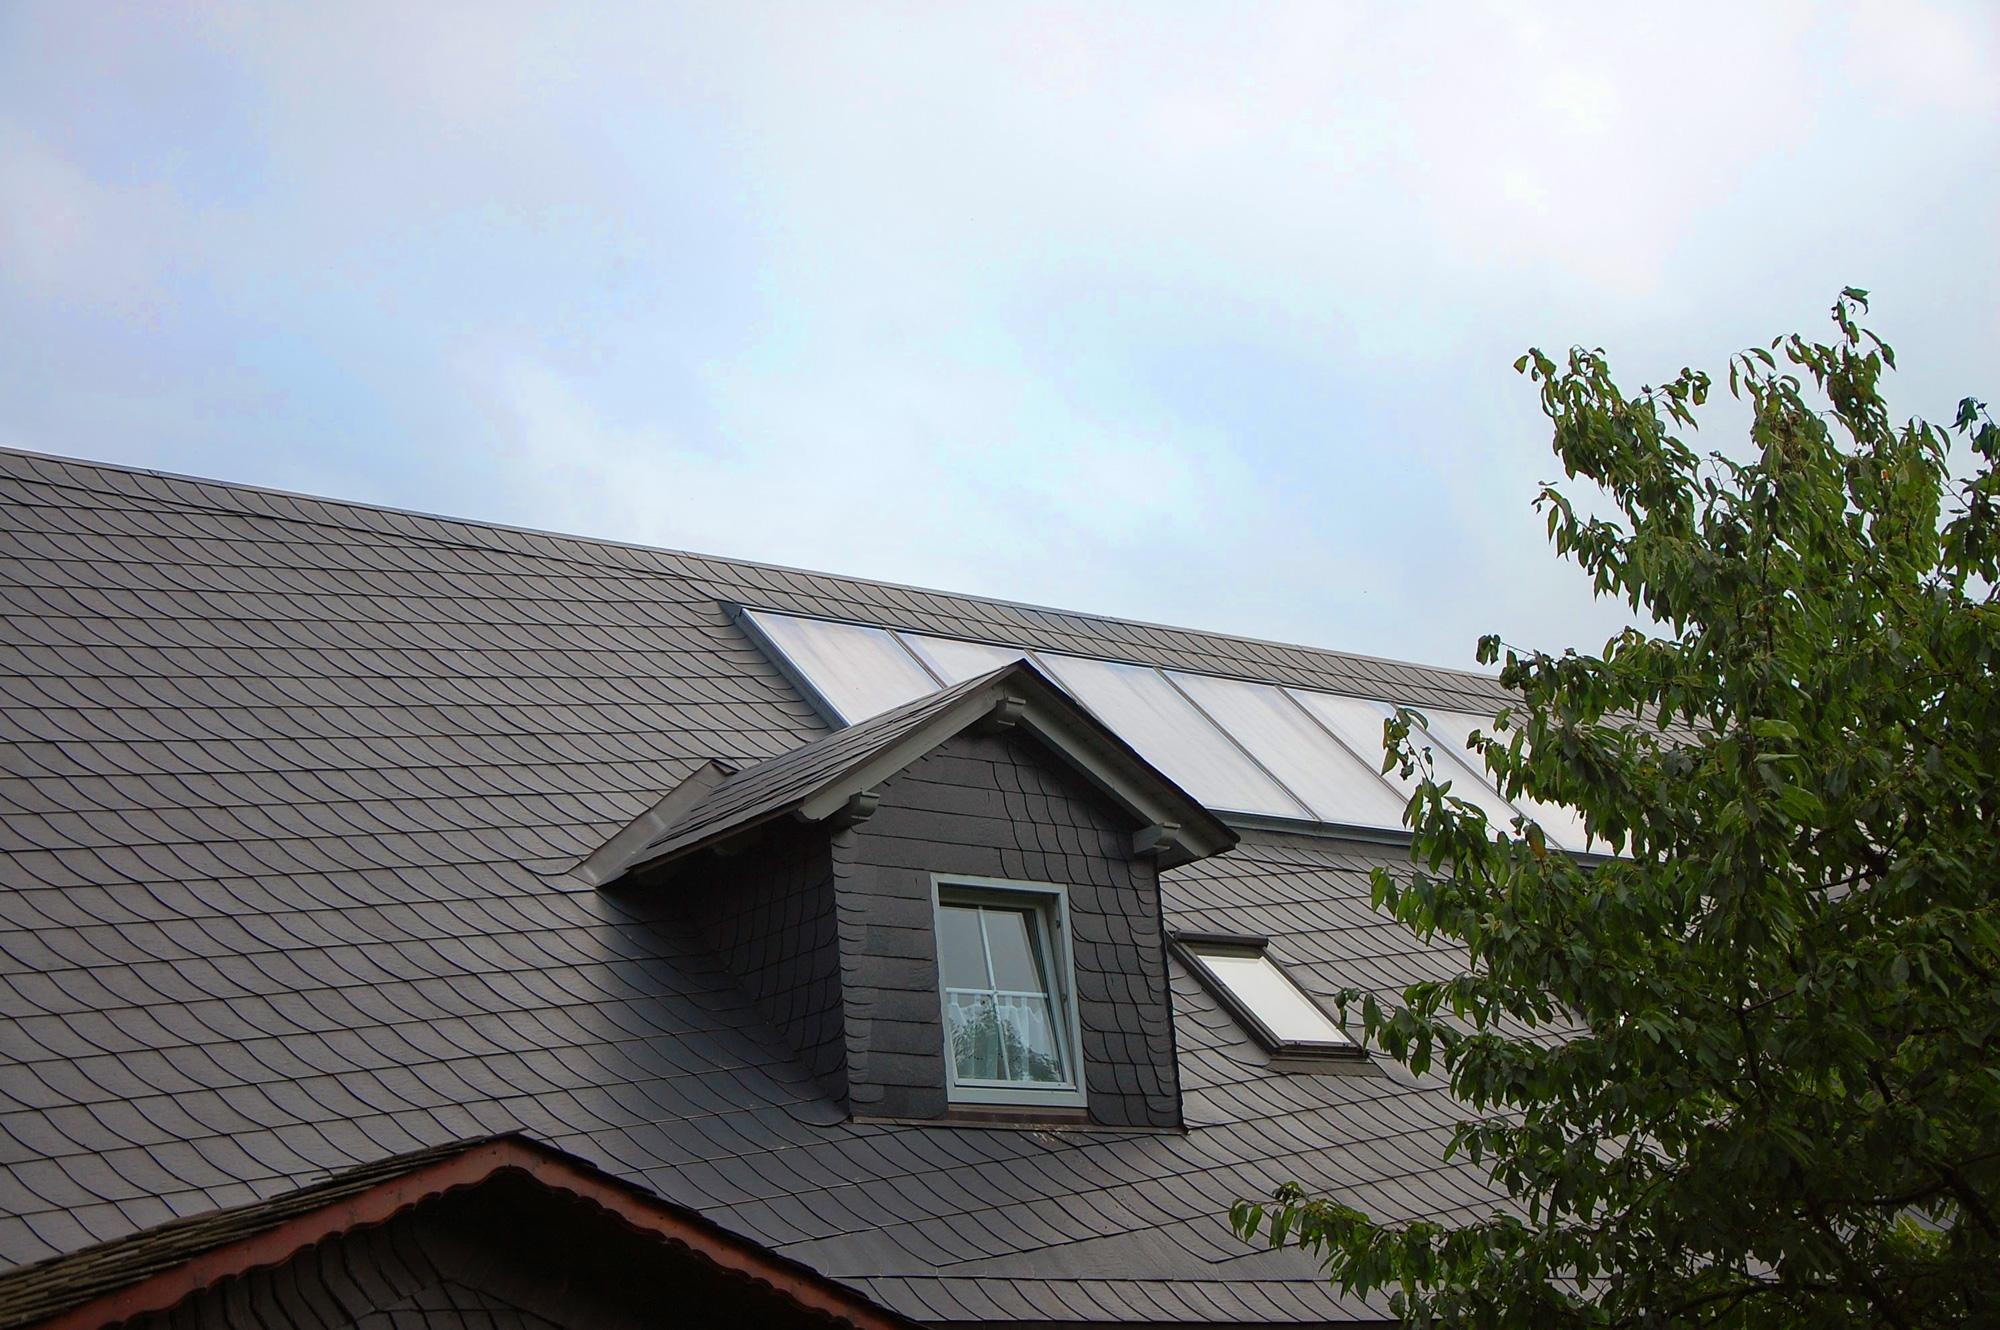 Kunstschieferdach und Solaranlage, Reiterhof zum alten Forsthaus, Bad Lobenstein